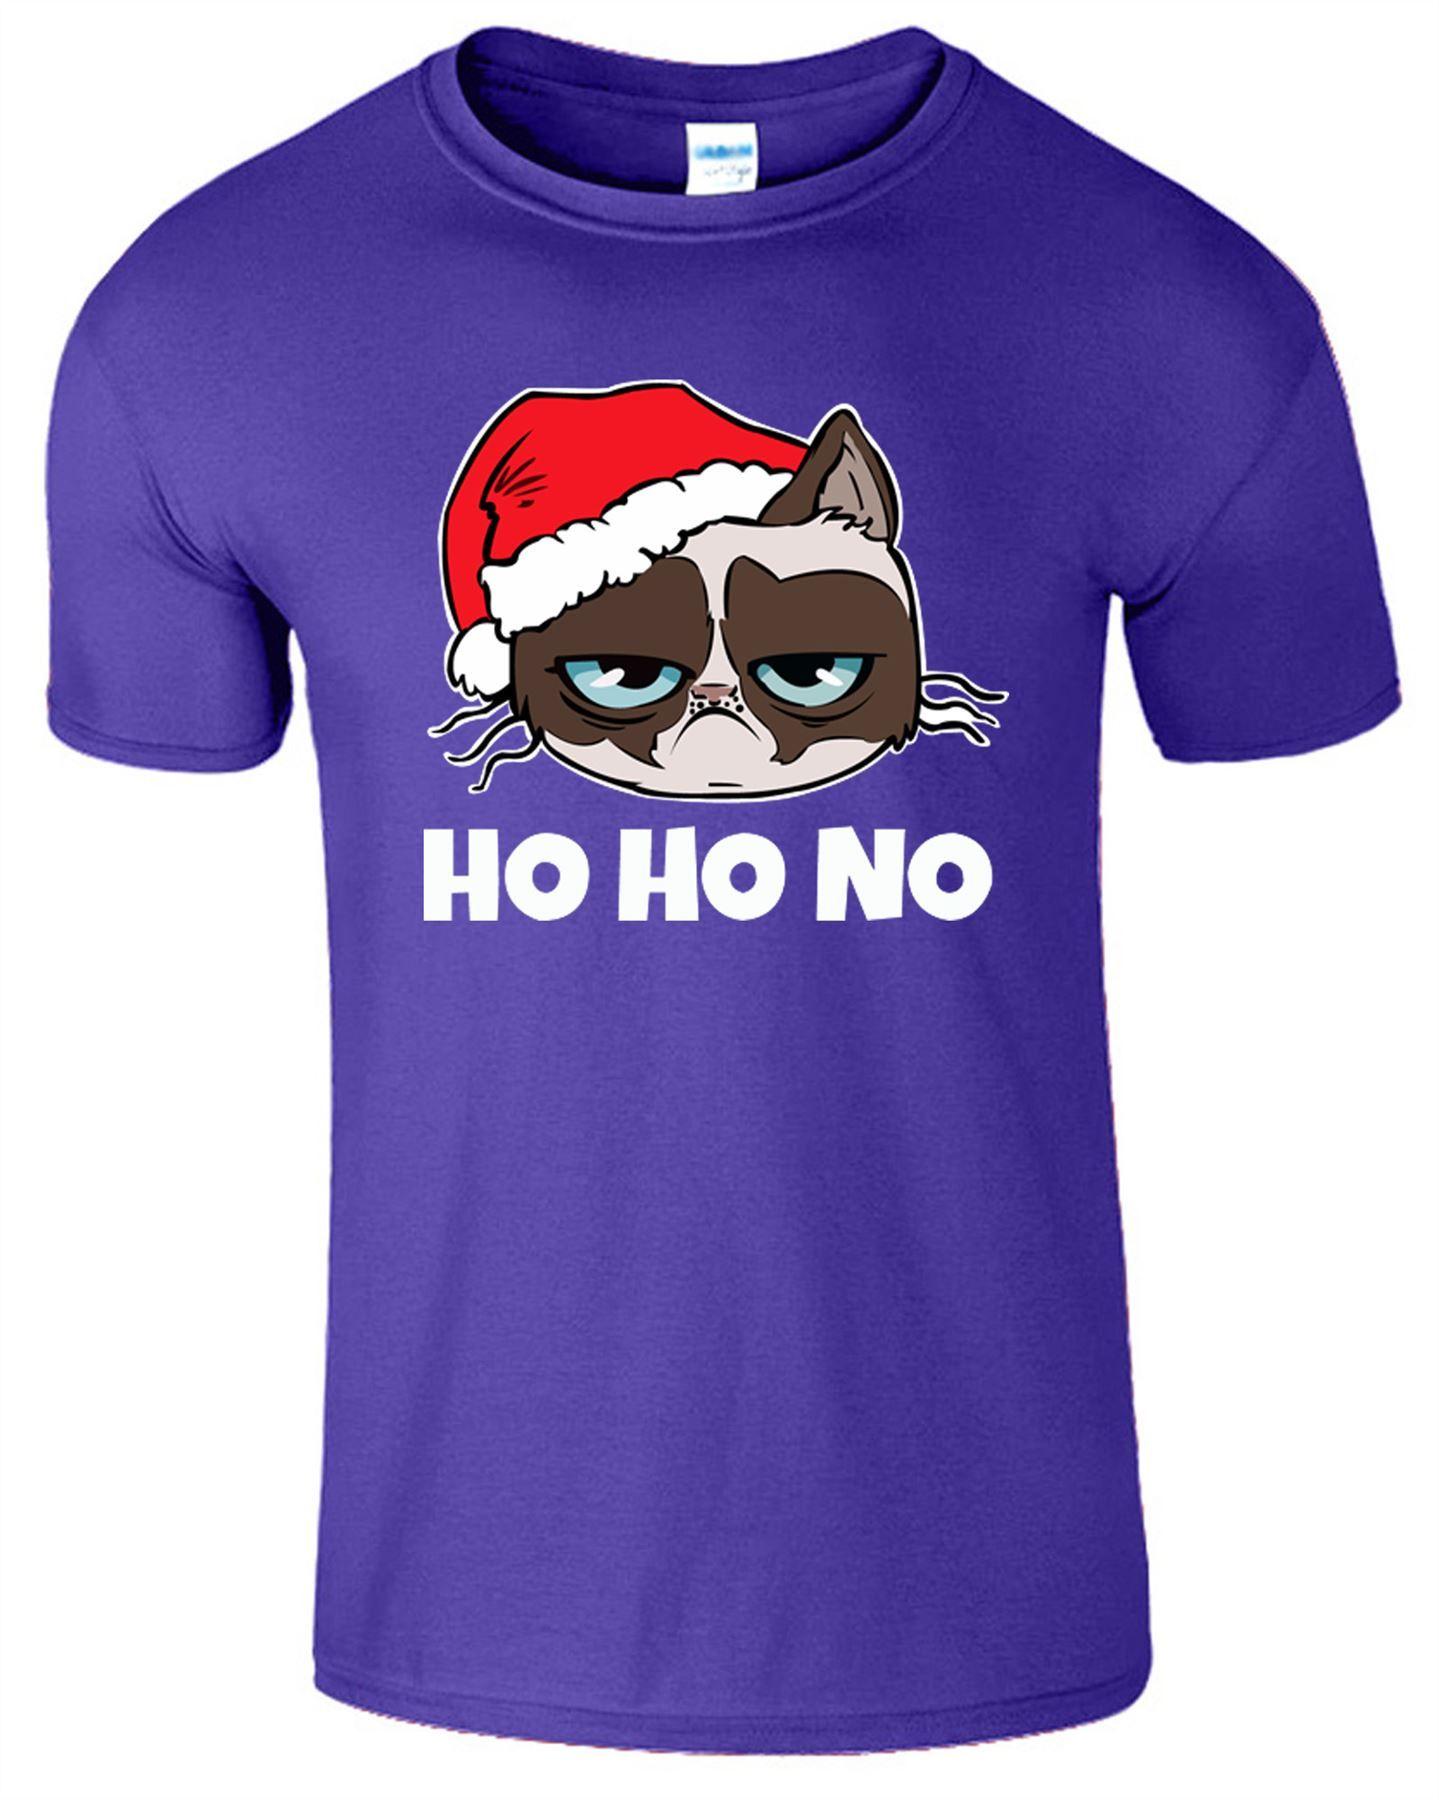 GRUMPY SANTA CAT Christmas Mens T shirt Funny Cat Xmas Gift Tee Top T-Shirt